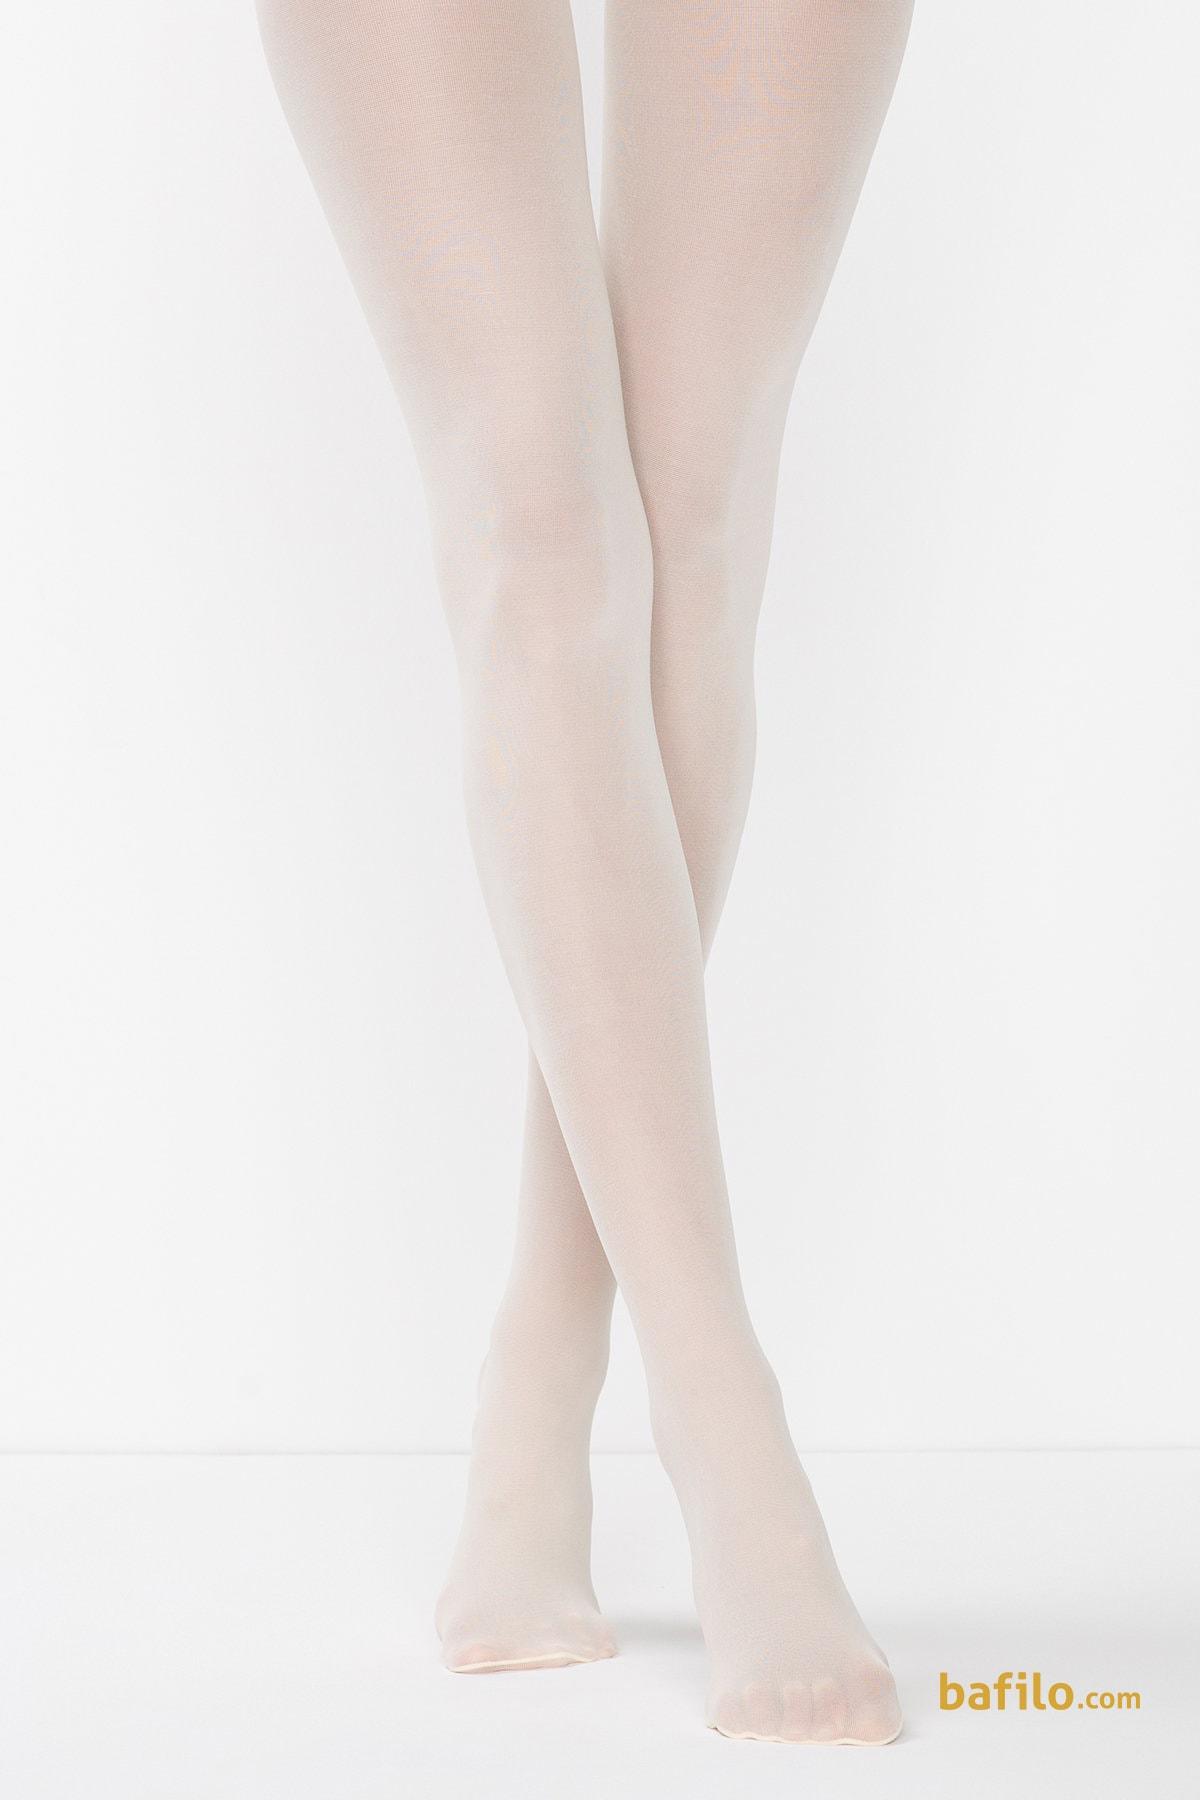 پنتی | Penti - جوراب شلواری زنانه پنتی Mikro 40 وانیلی